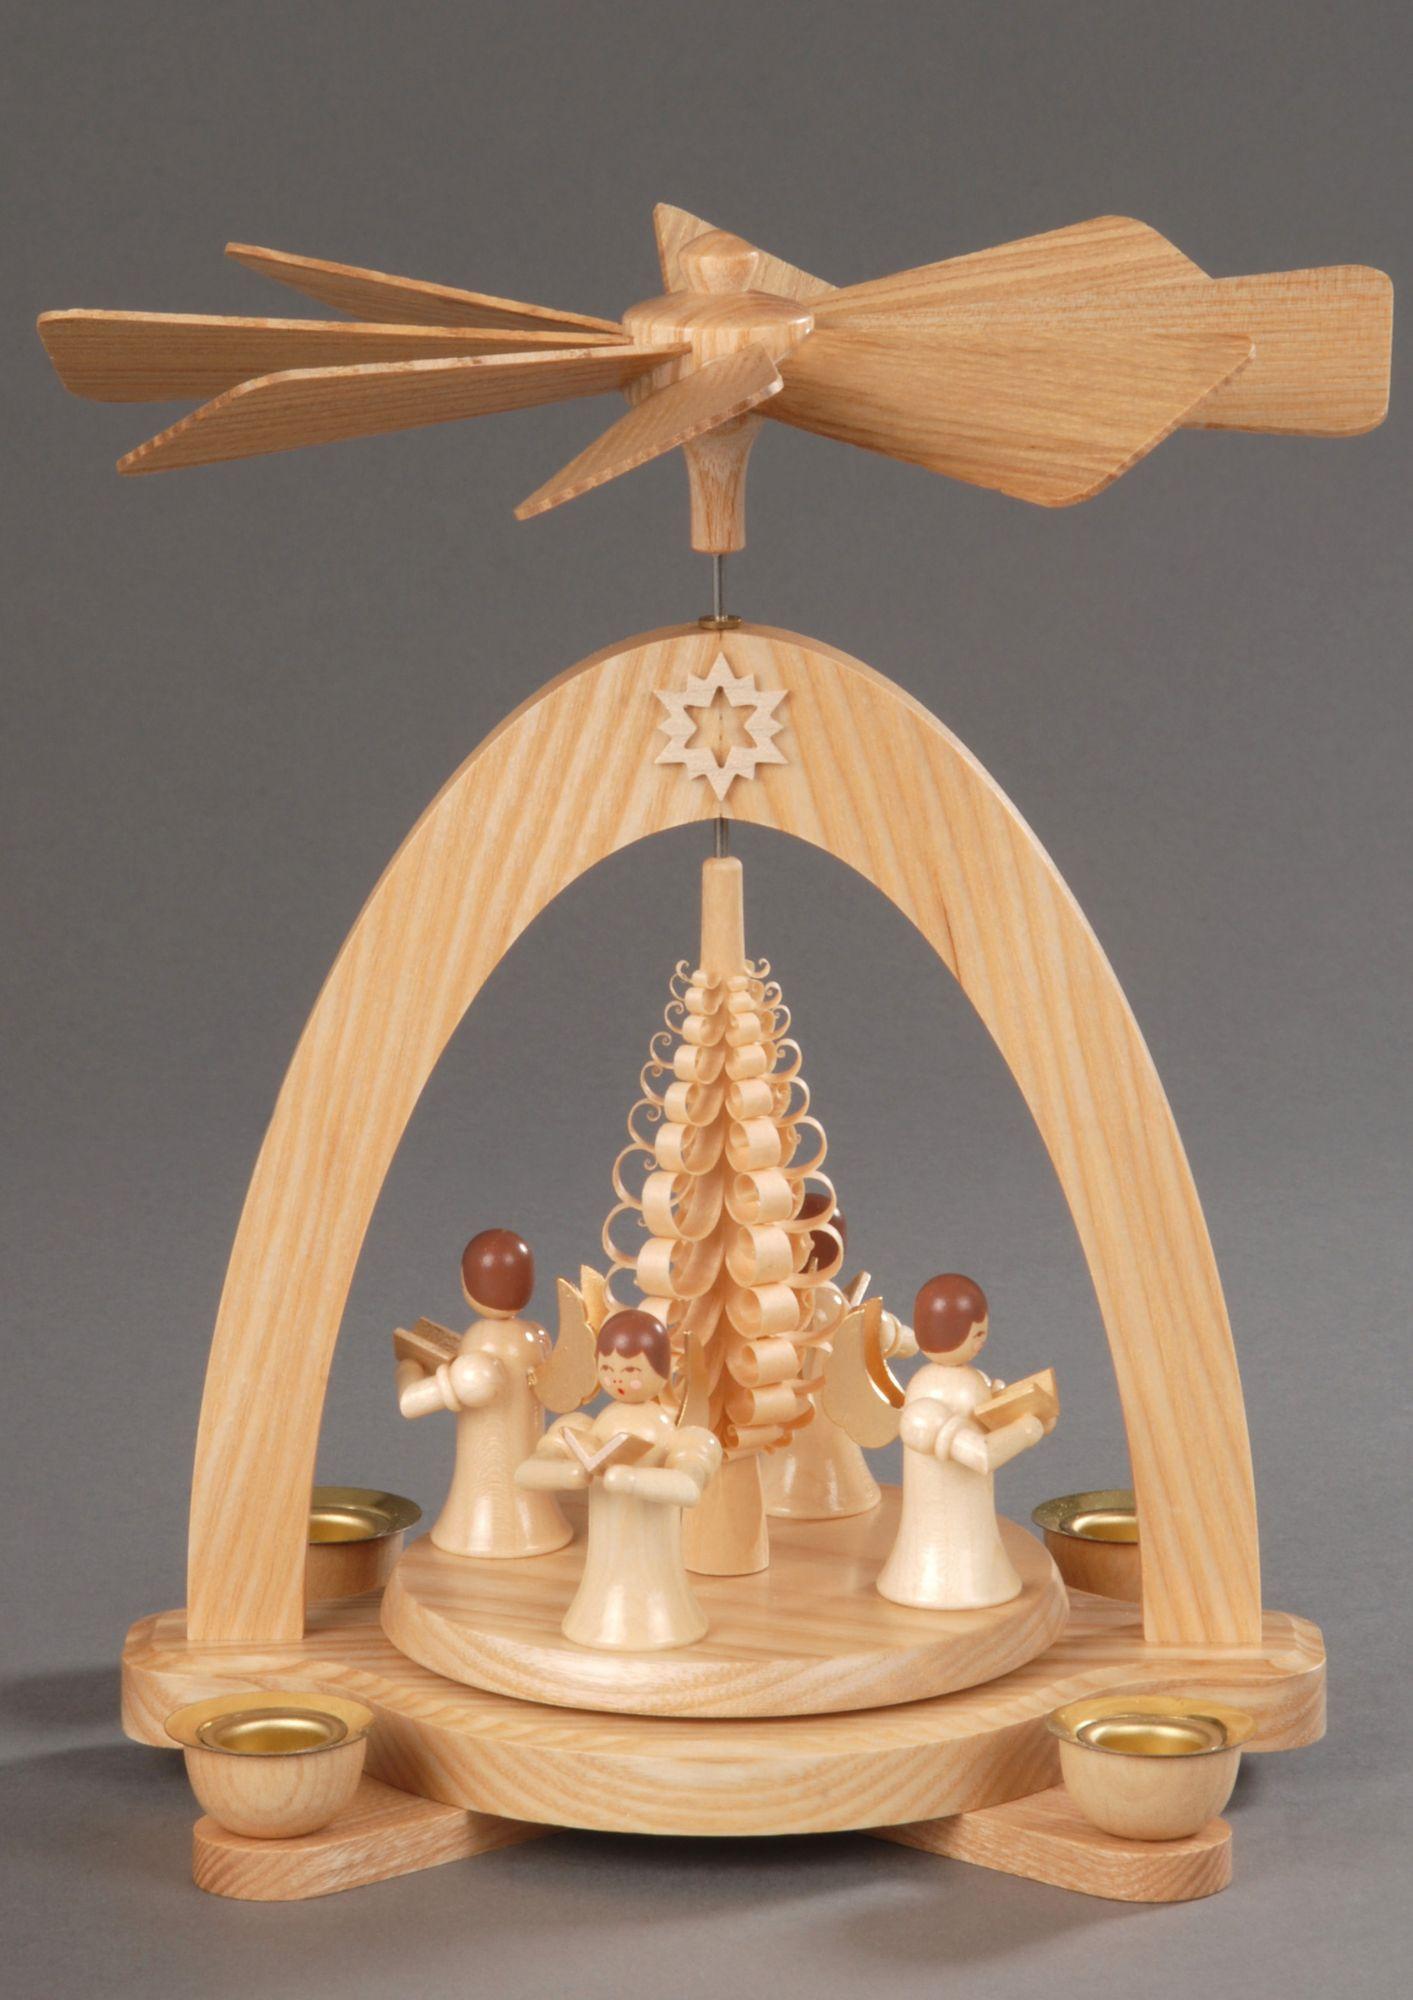 ALBIN PREISSLER Weihnachts-Pyramide, natur, Albin Preißler